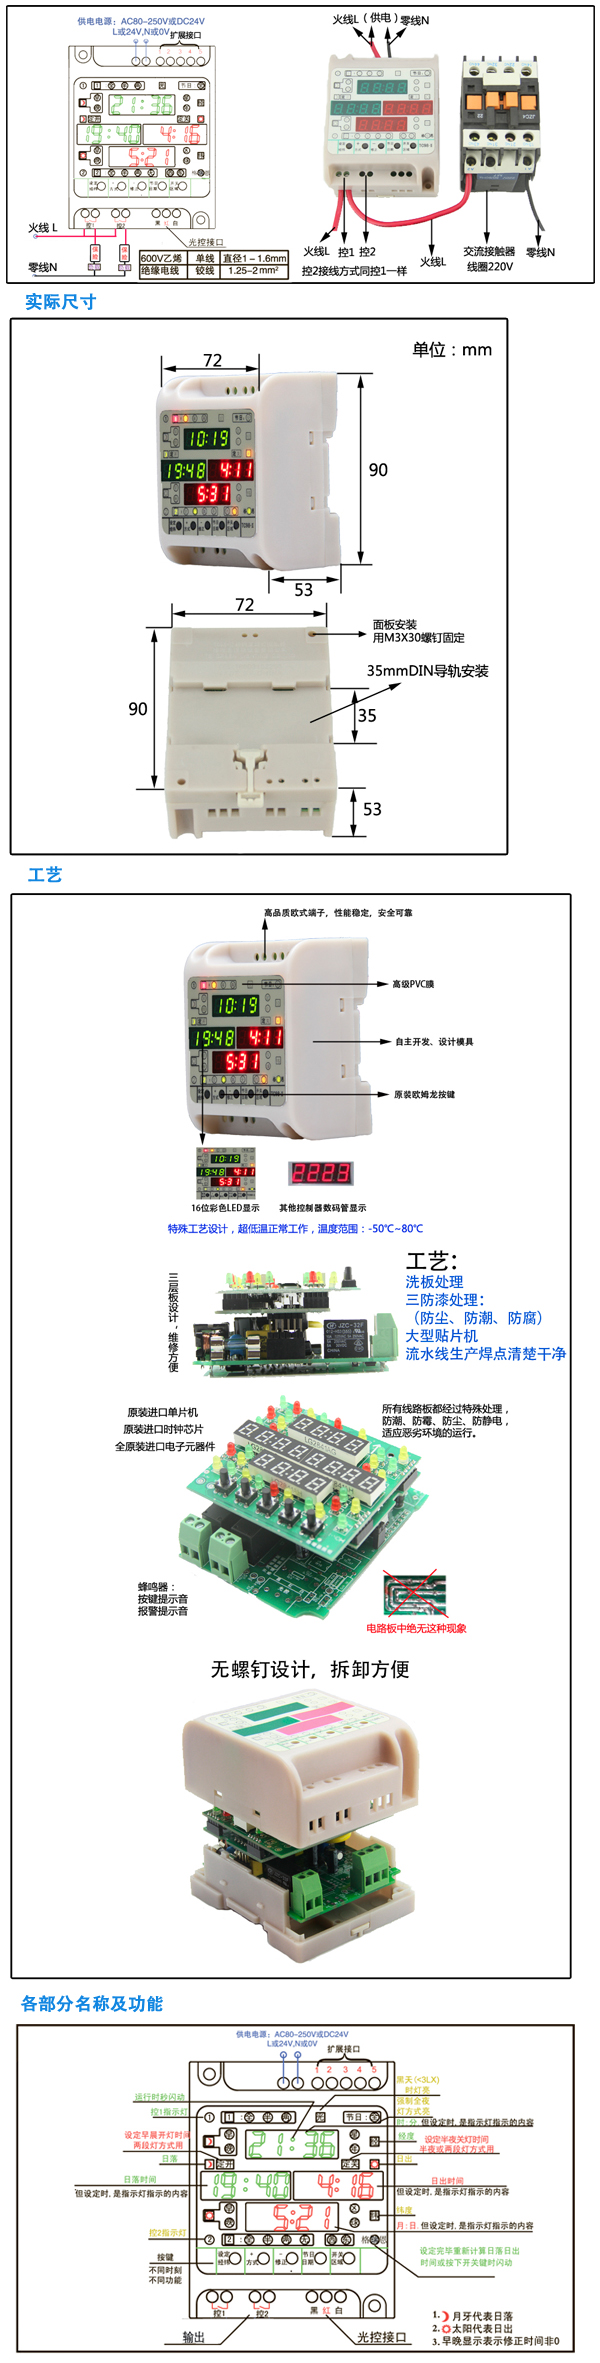 tc98-Ⅱ系列全自动经纬度路灯控制器